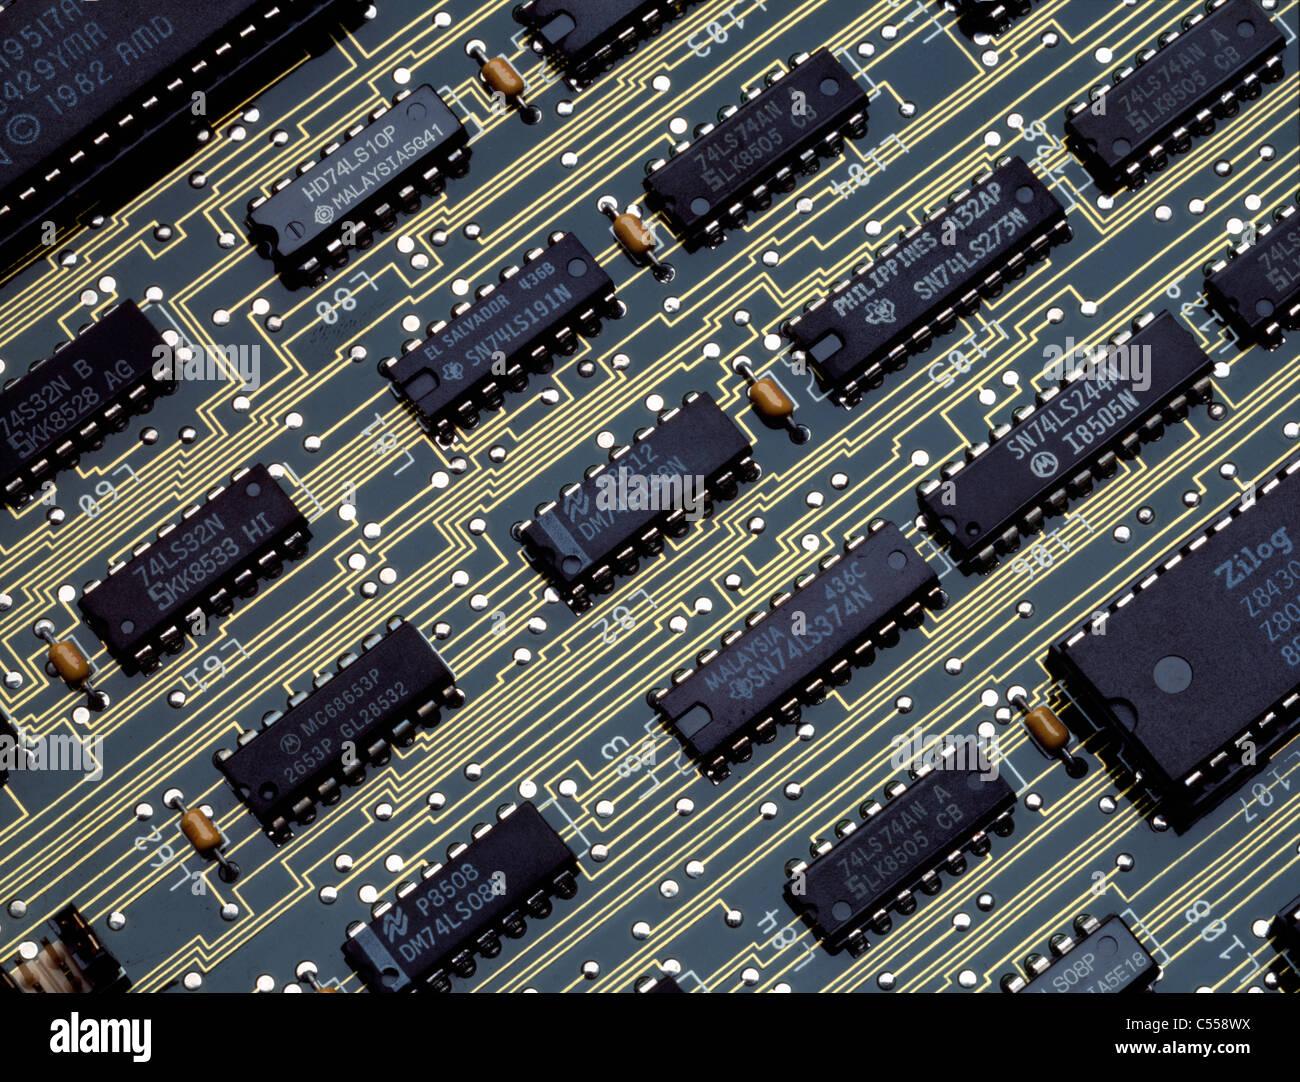 Puces d'ordinateur Banque D'Images